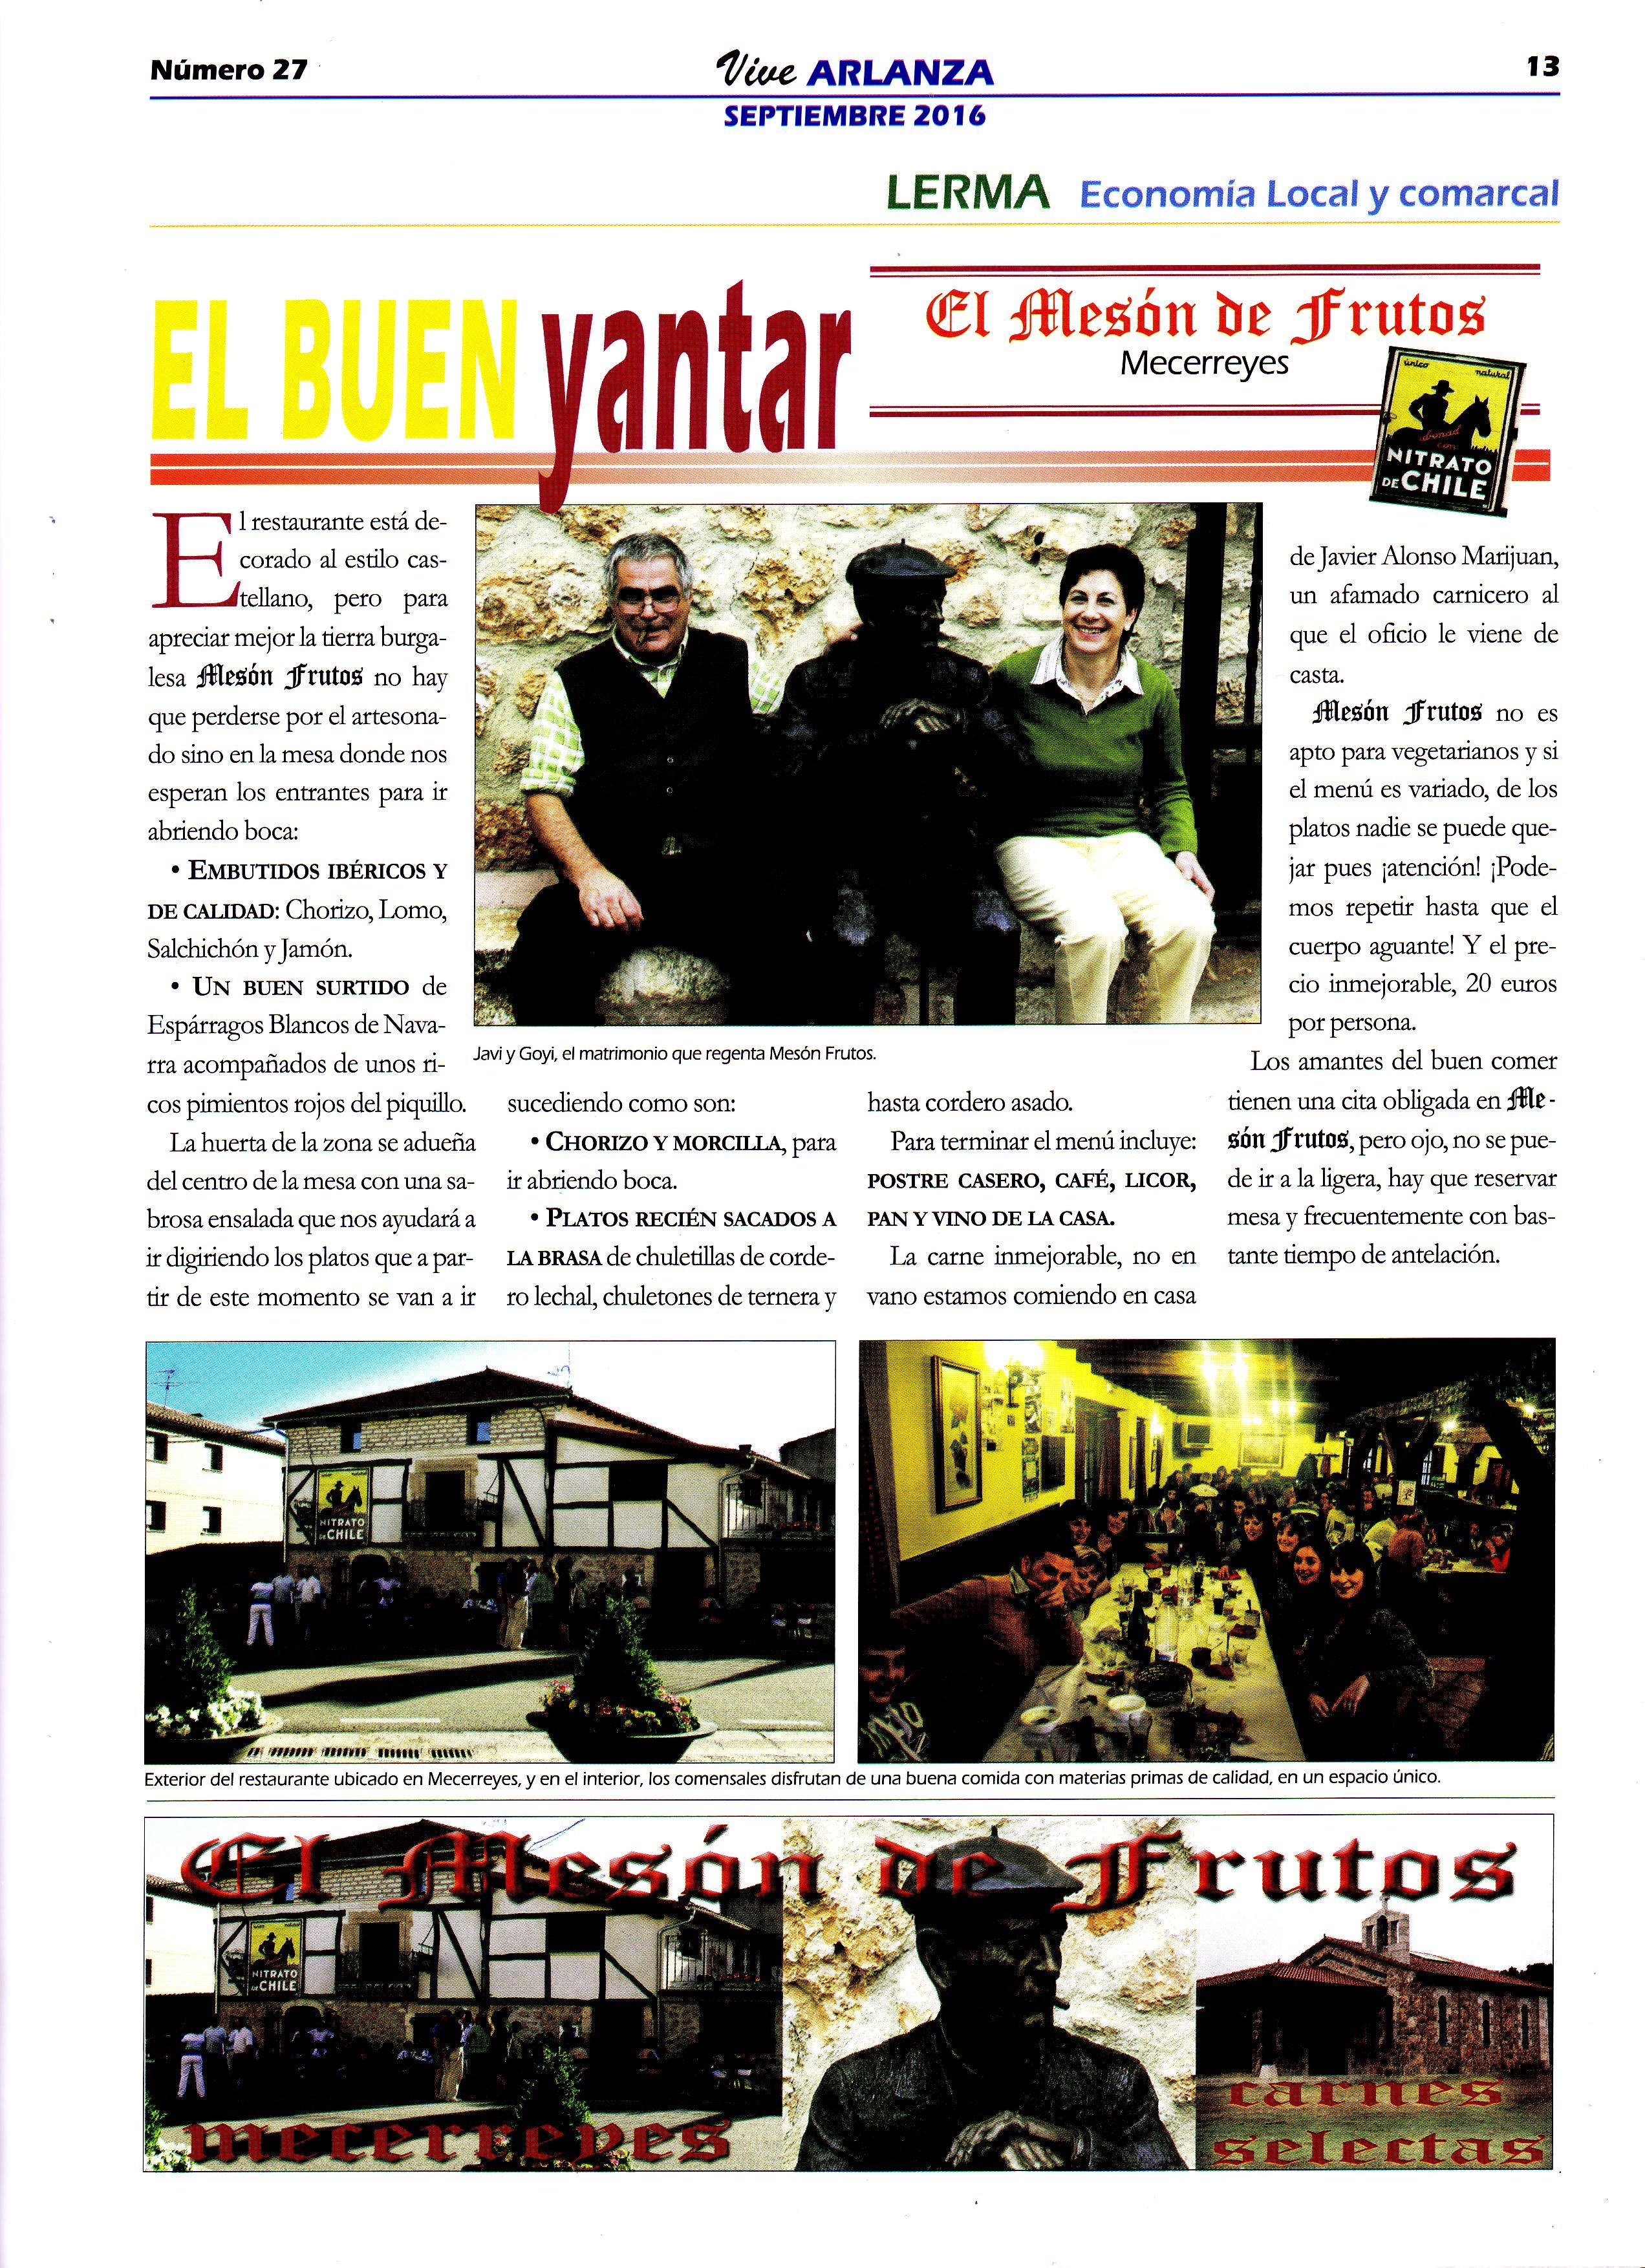 Revista Vive Arlanza - El mesón de Frutos, Mecerreyes